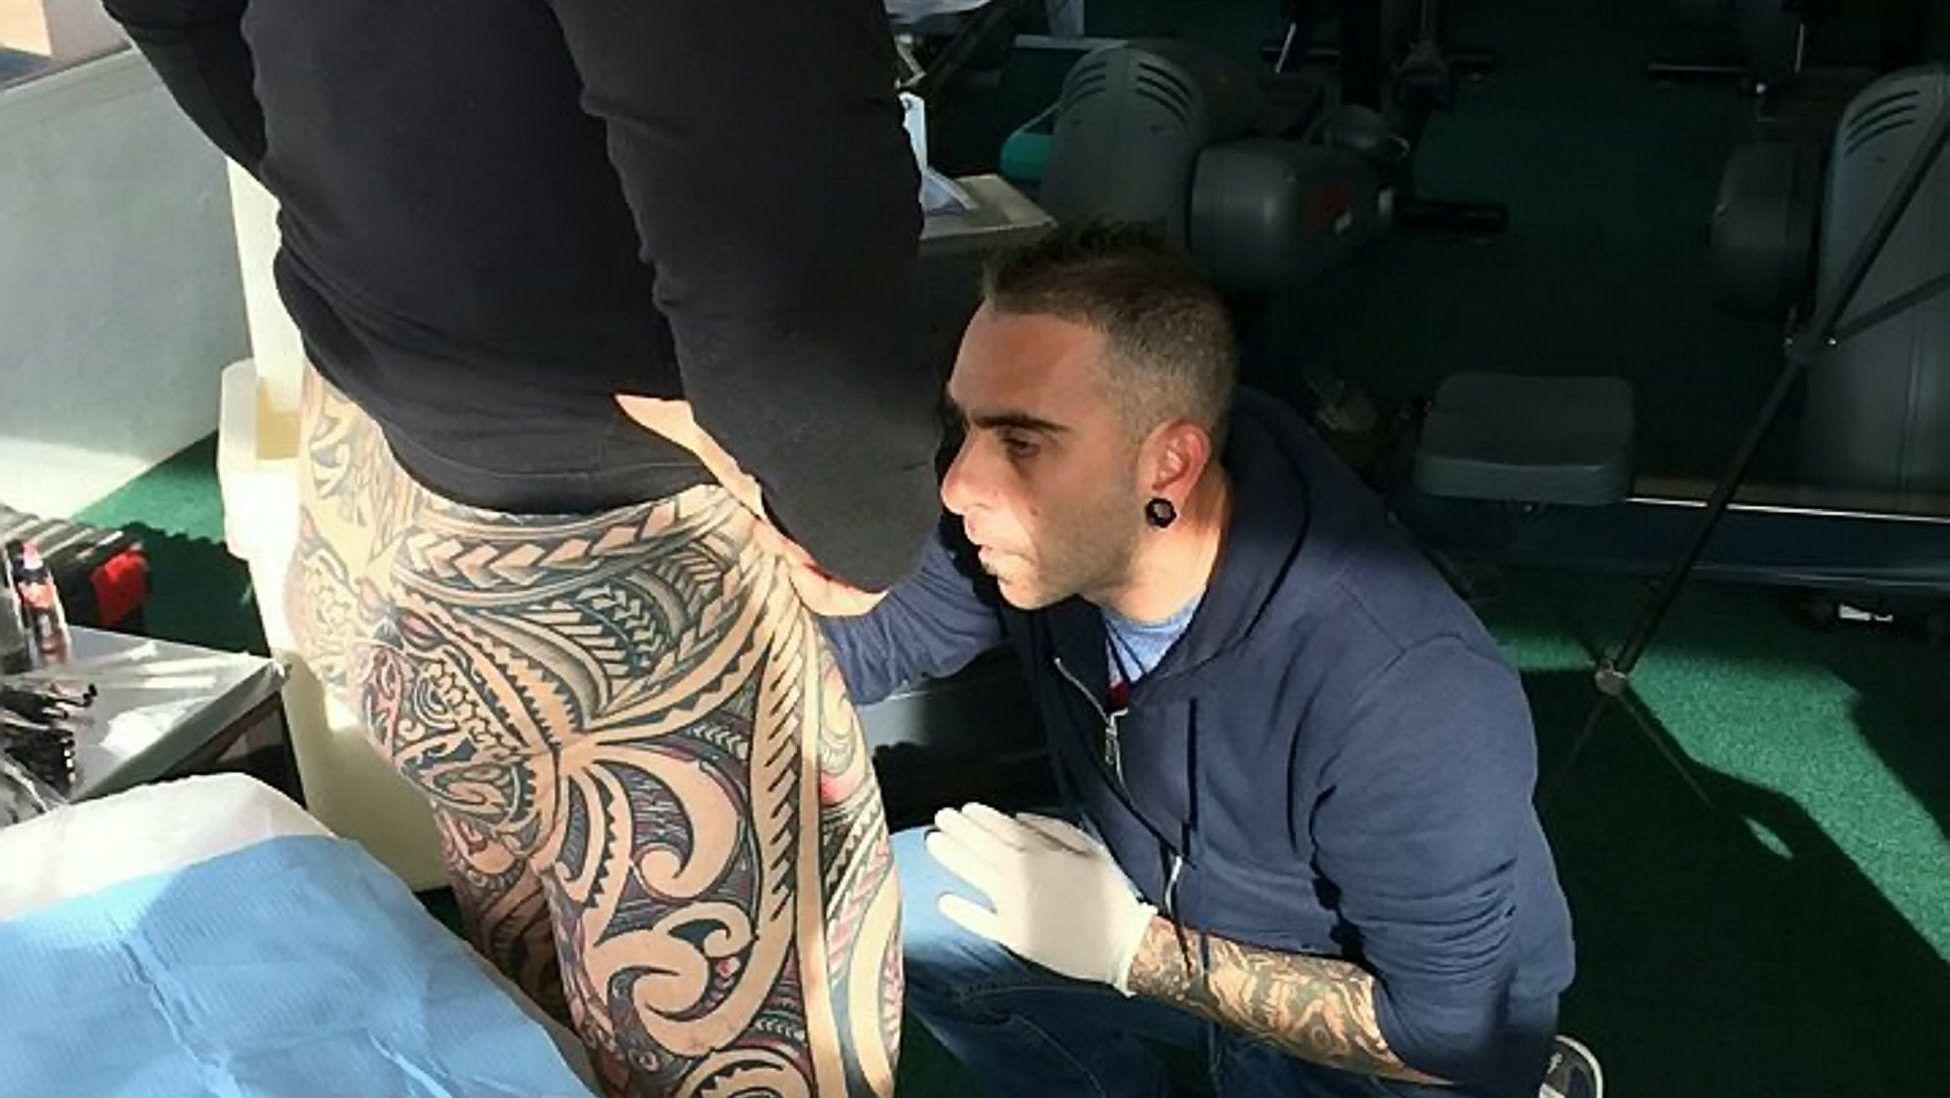 érett férfiak péniszei kötéllel megkötött pénisz